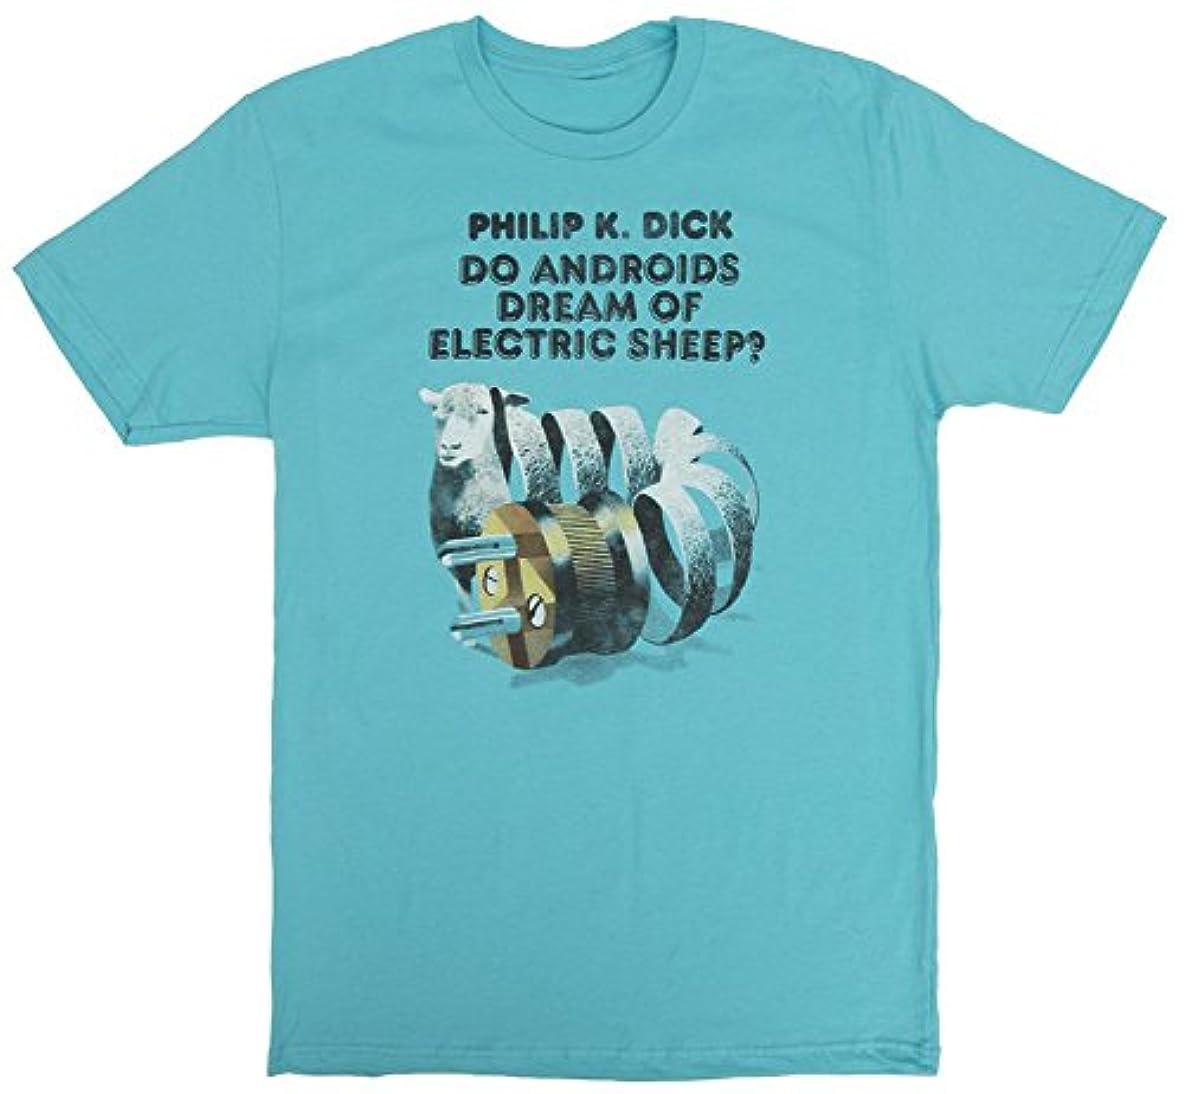 支払い叙情的な矛盾【Out of Print】 Philip K. Dick / Do Androids Dream of Electric Sheep? Tee (Tahiti Blue)